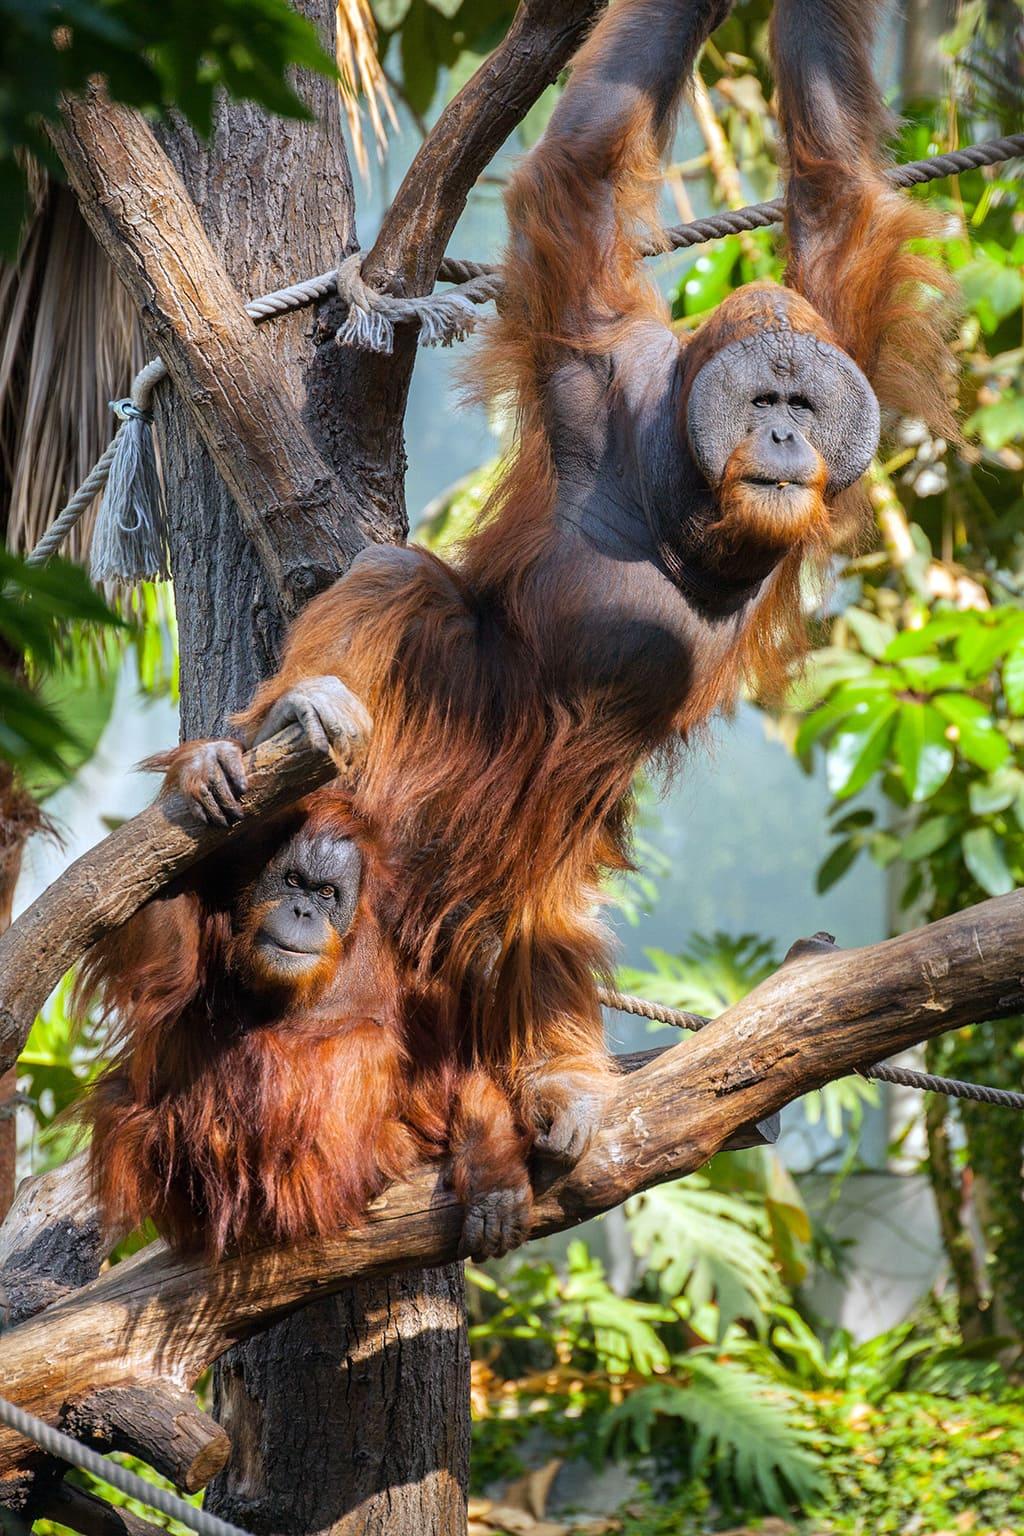 Orang utans in de dierentuin van Hamburg doen net zoals ze vrienden zijn